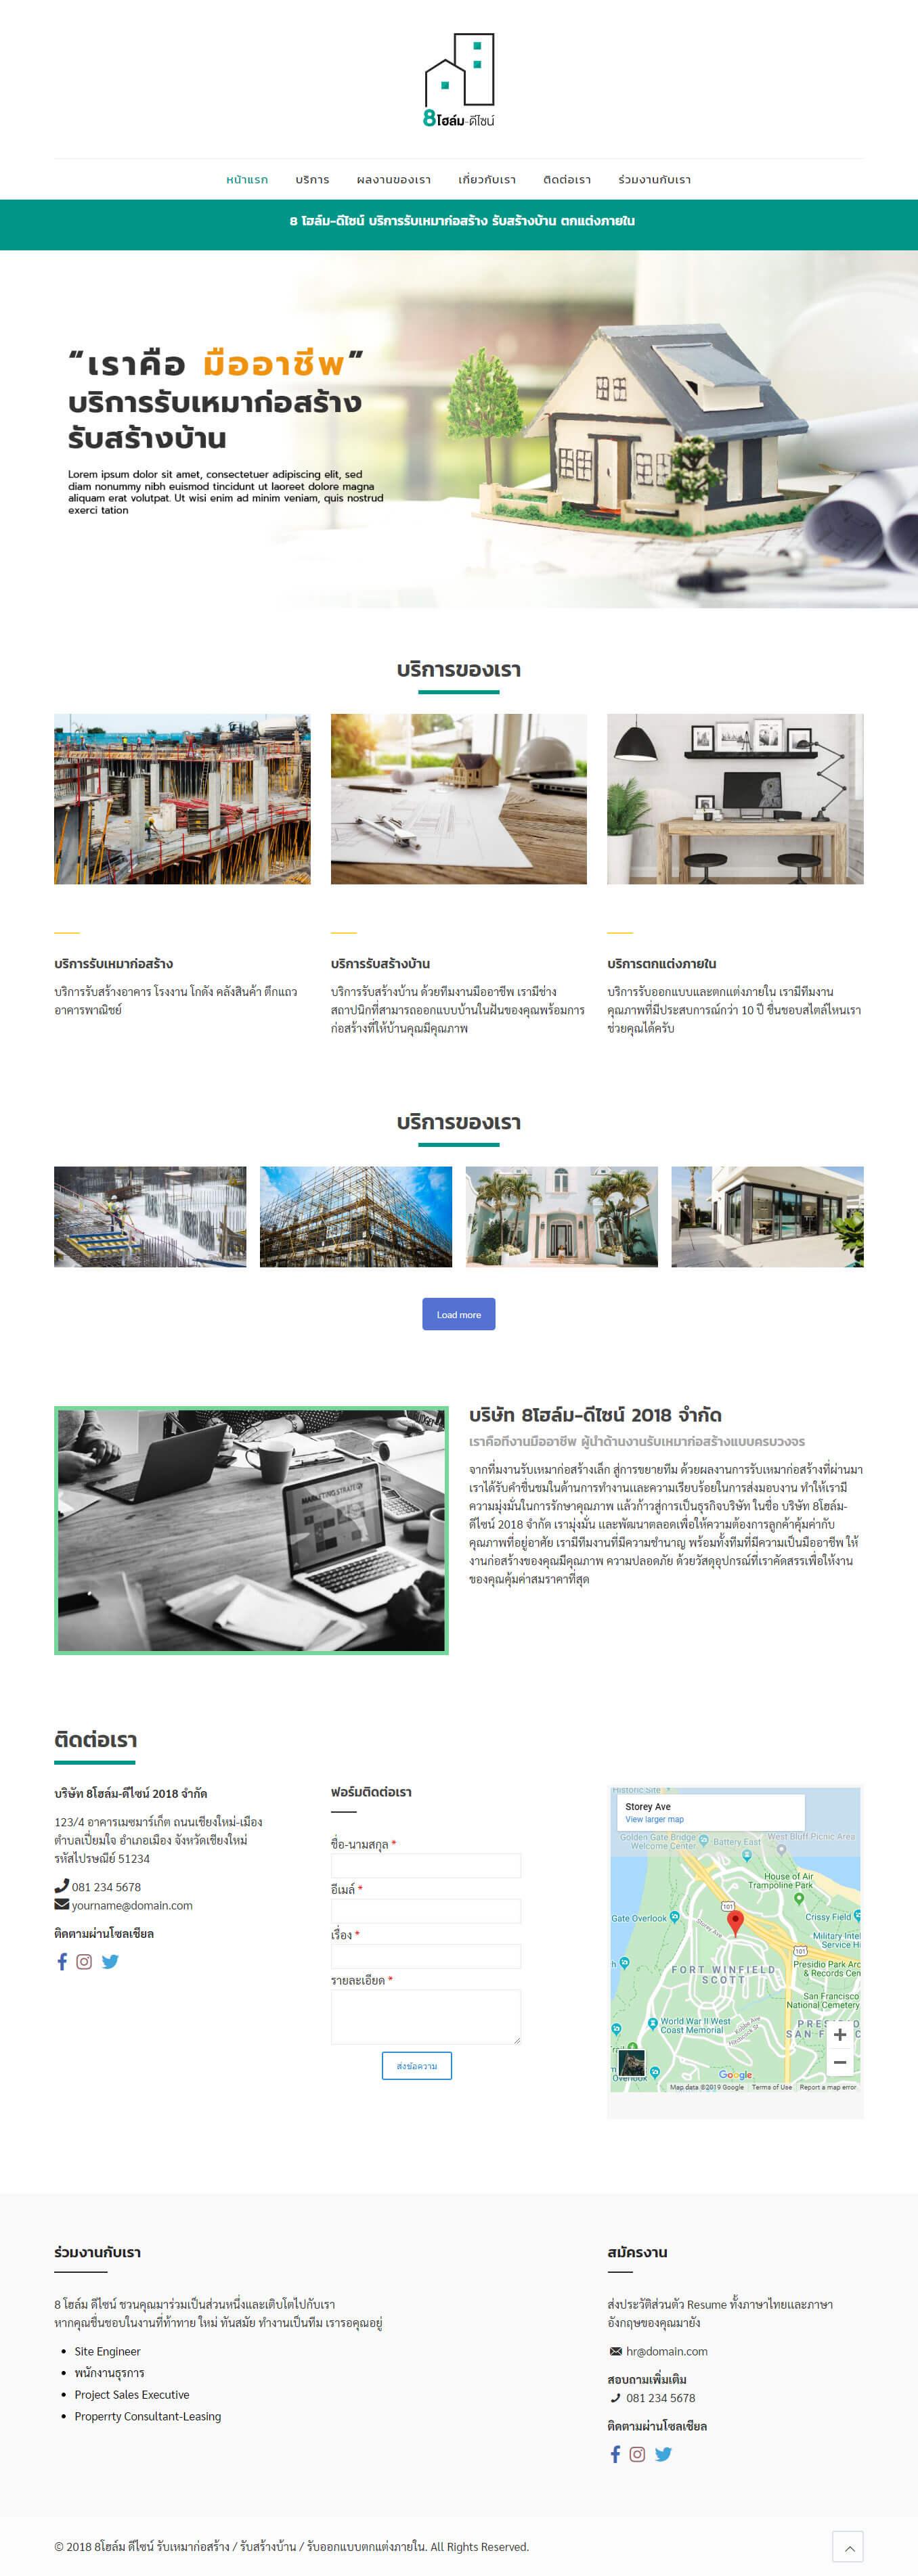 ตัวอย่างเว็บพร้อมใช้บริการรับเหมาก่อสร้าง, รับสร้างบ้าน, ตกแต่งภายใน